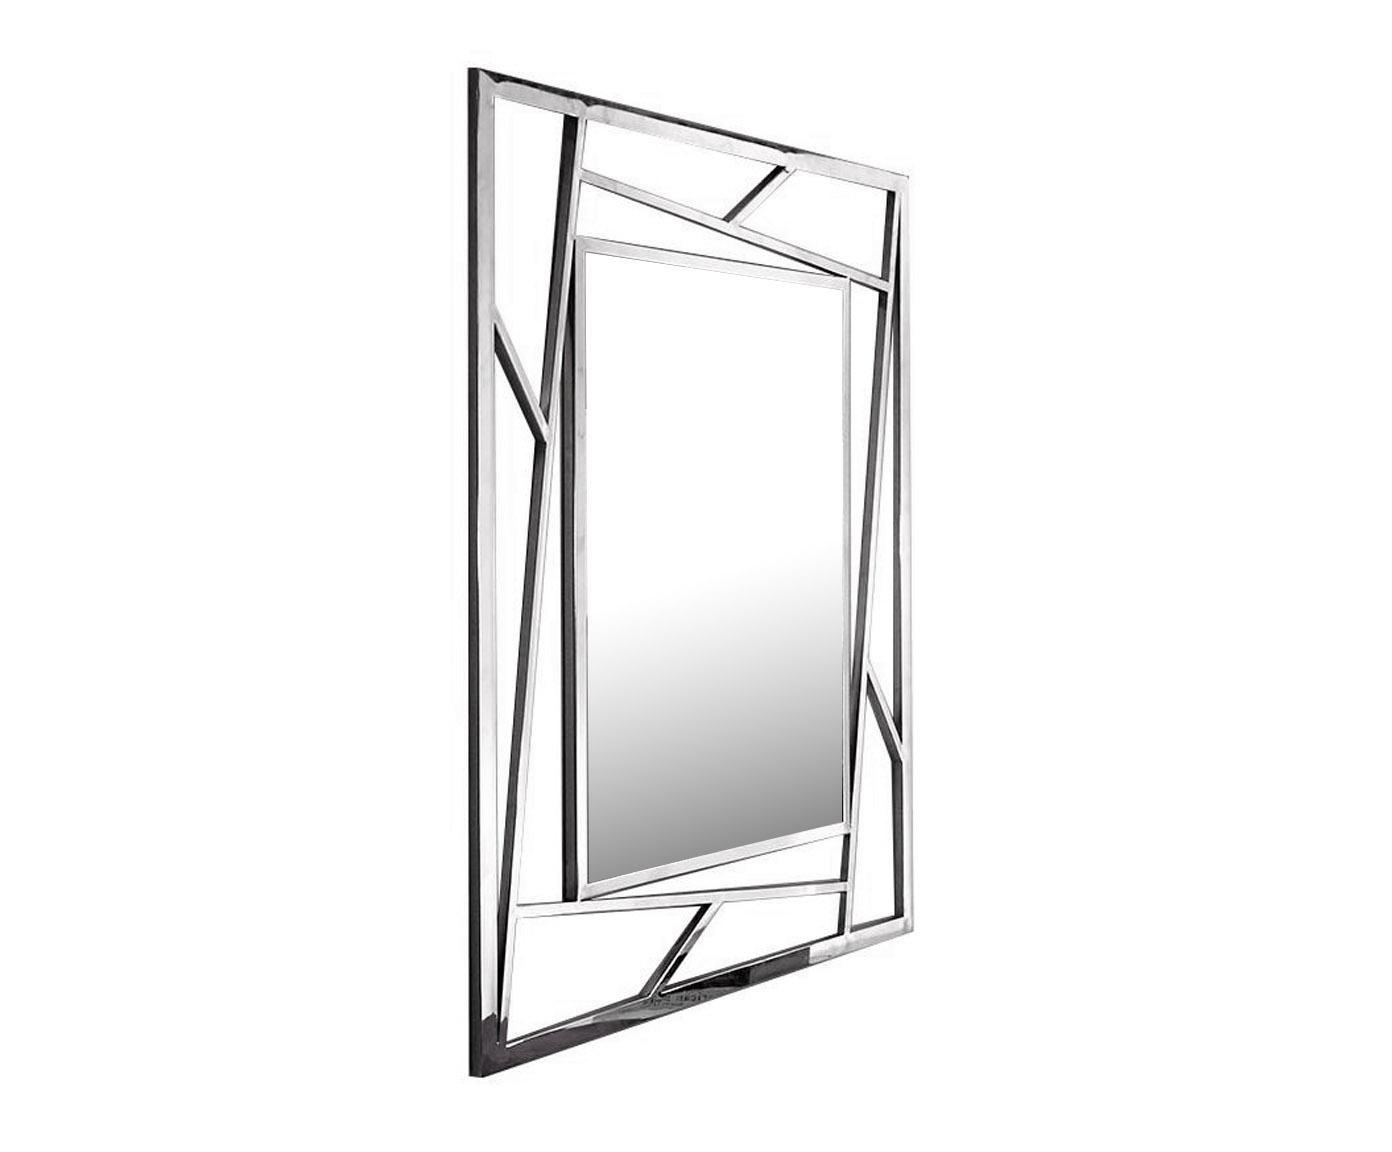 EUROHOME Зеркало в геометрической стальной раме GG-1019A (JSM461)